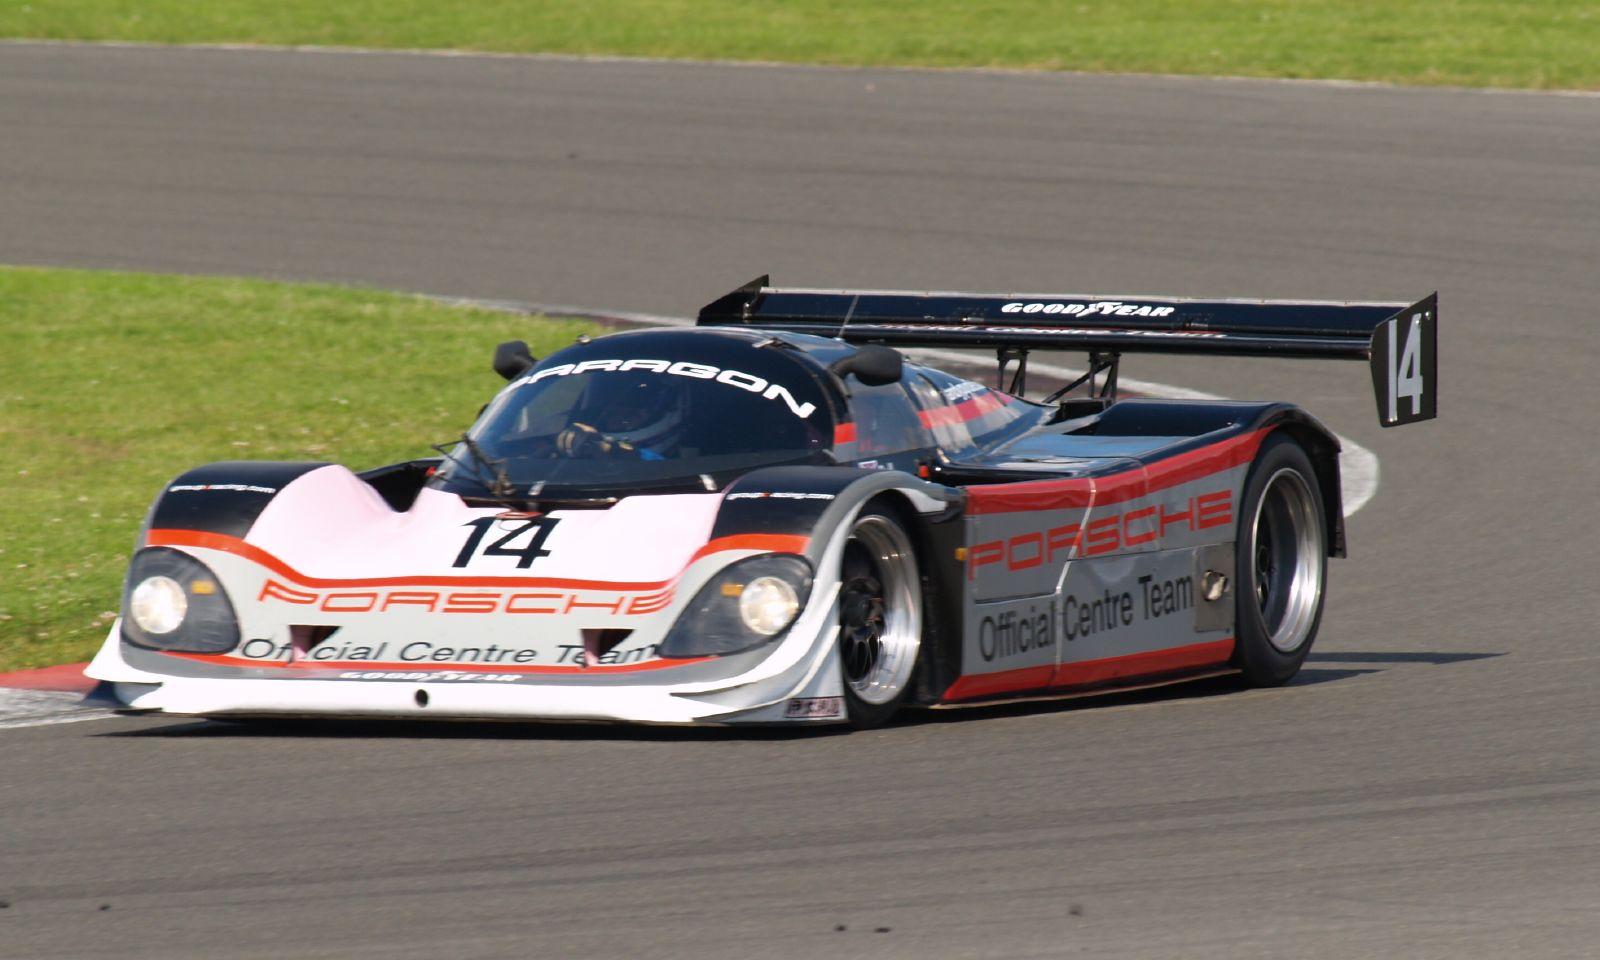 File:962 Porsche.jpg